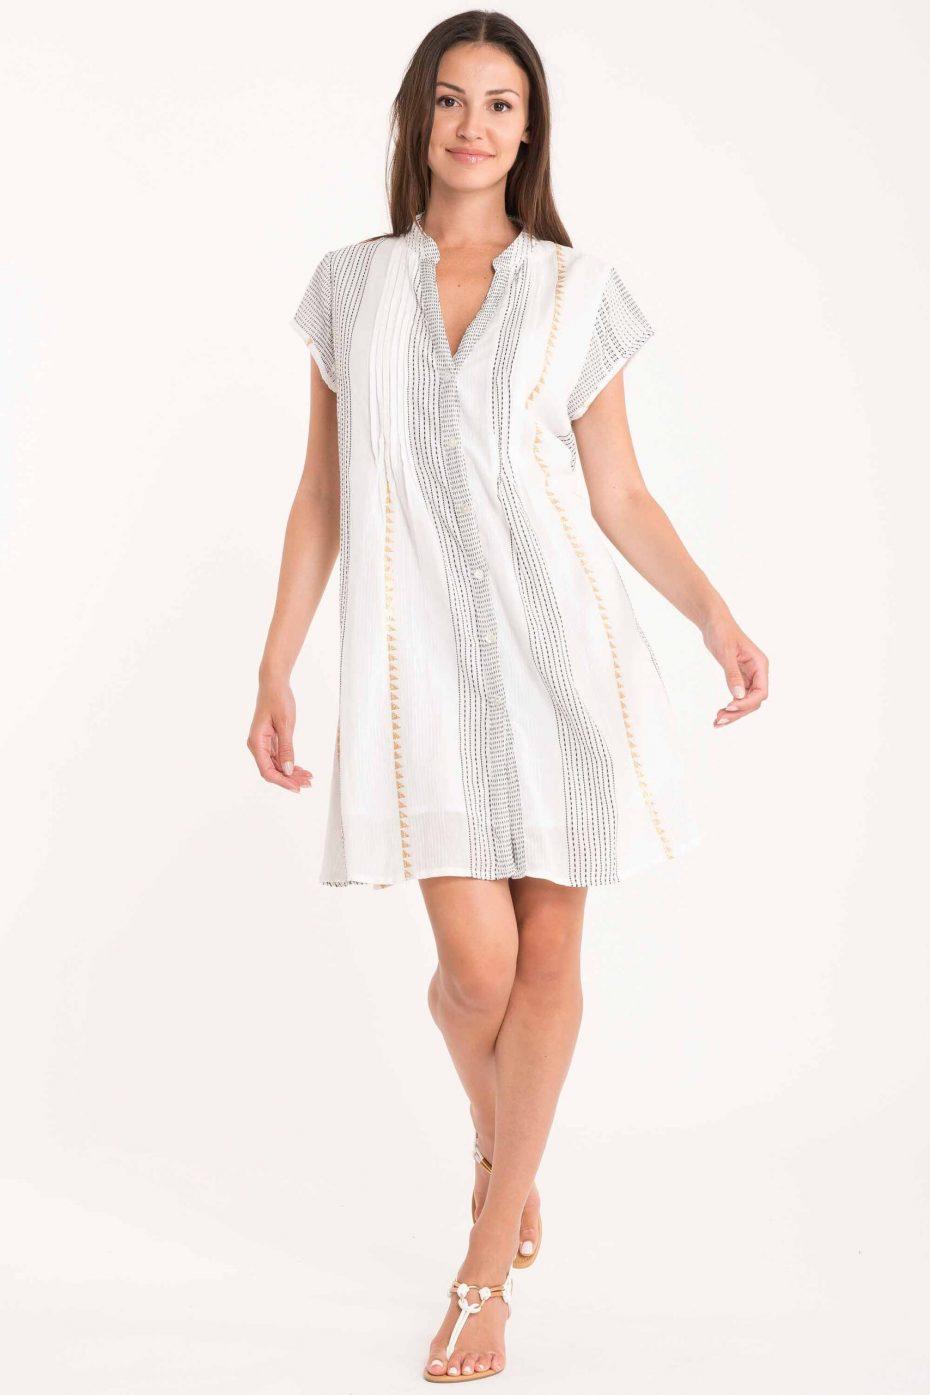 Vestido Corto Camisero Blanco Nevis